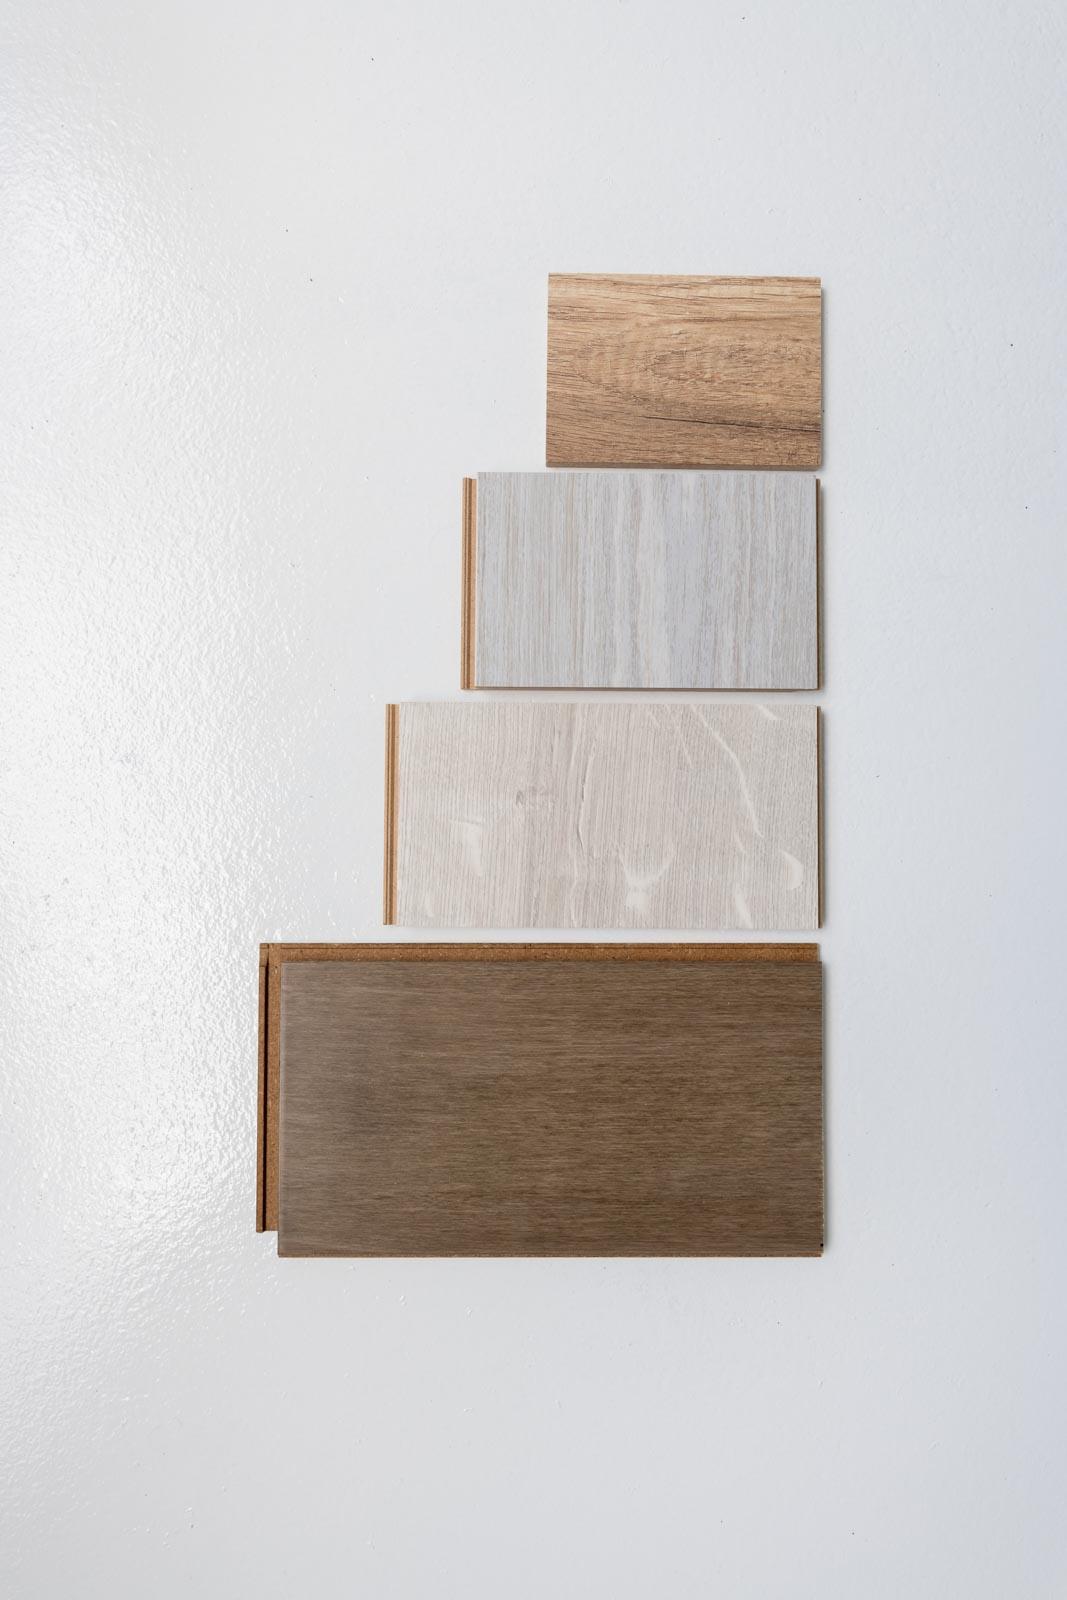 floor tiles for photography studio